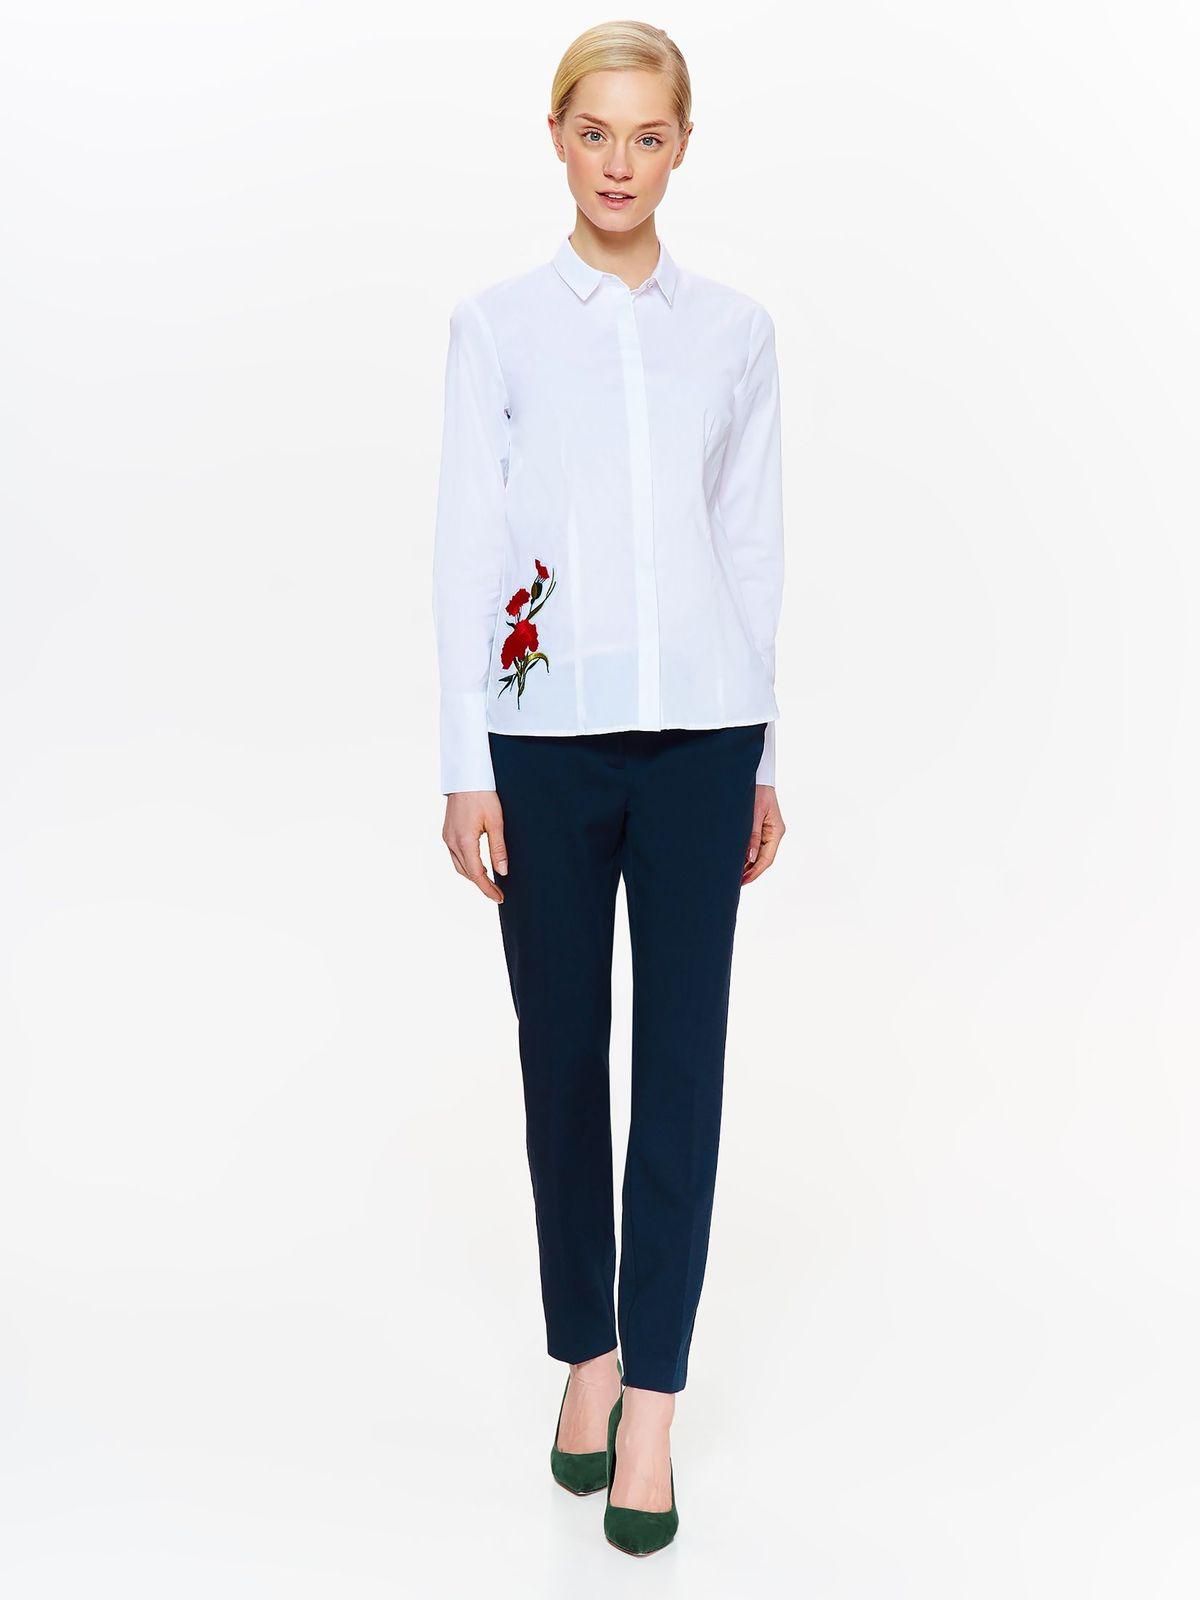 Рубашка женская Top Secret, цвет: белый. SKL2478BI. Размер 38 (46)SKL2478BI